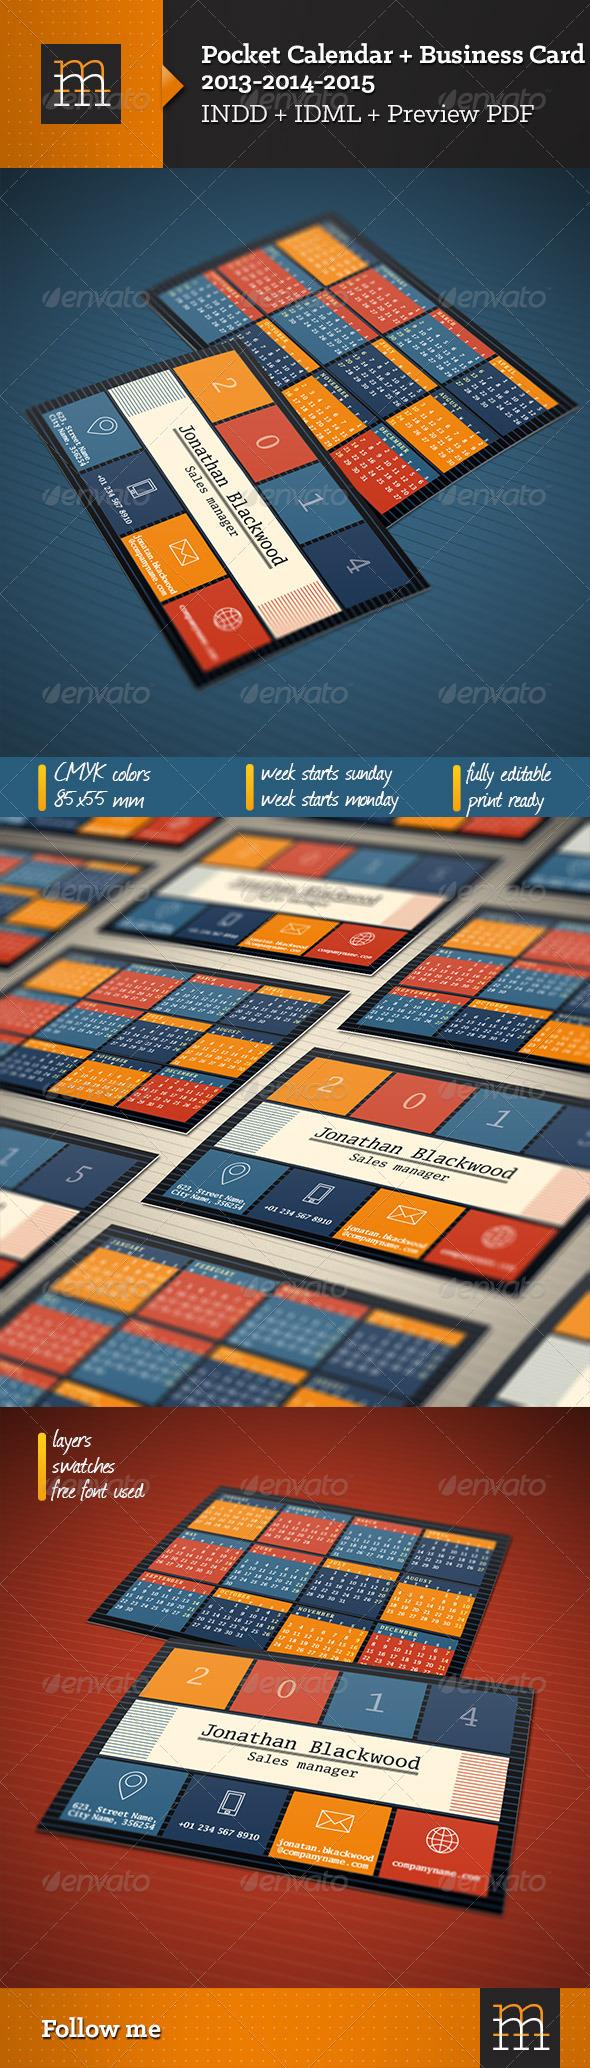 business card pocket calendar 2013 2014 2015 graphicriver